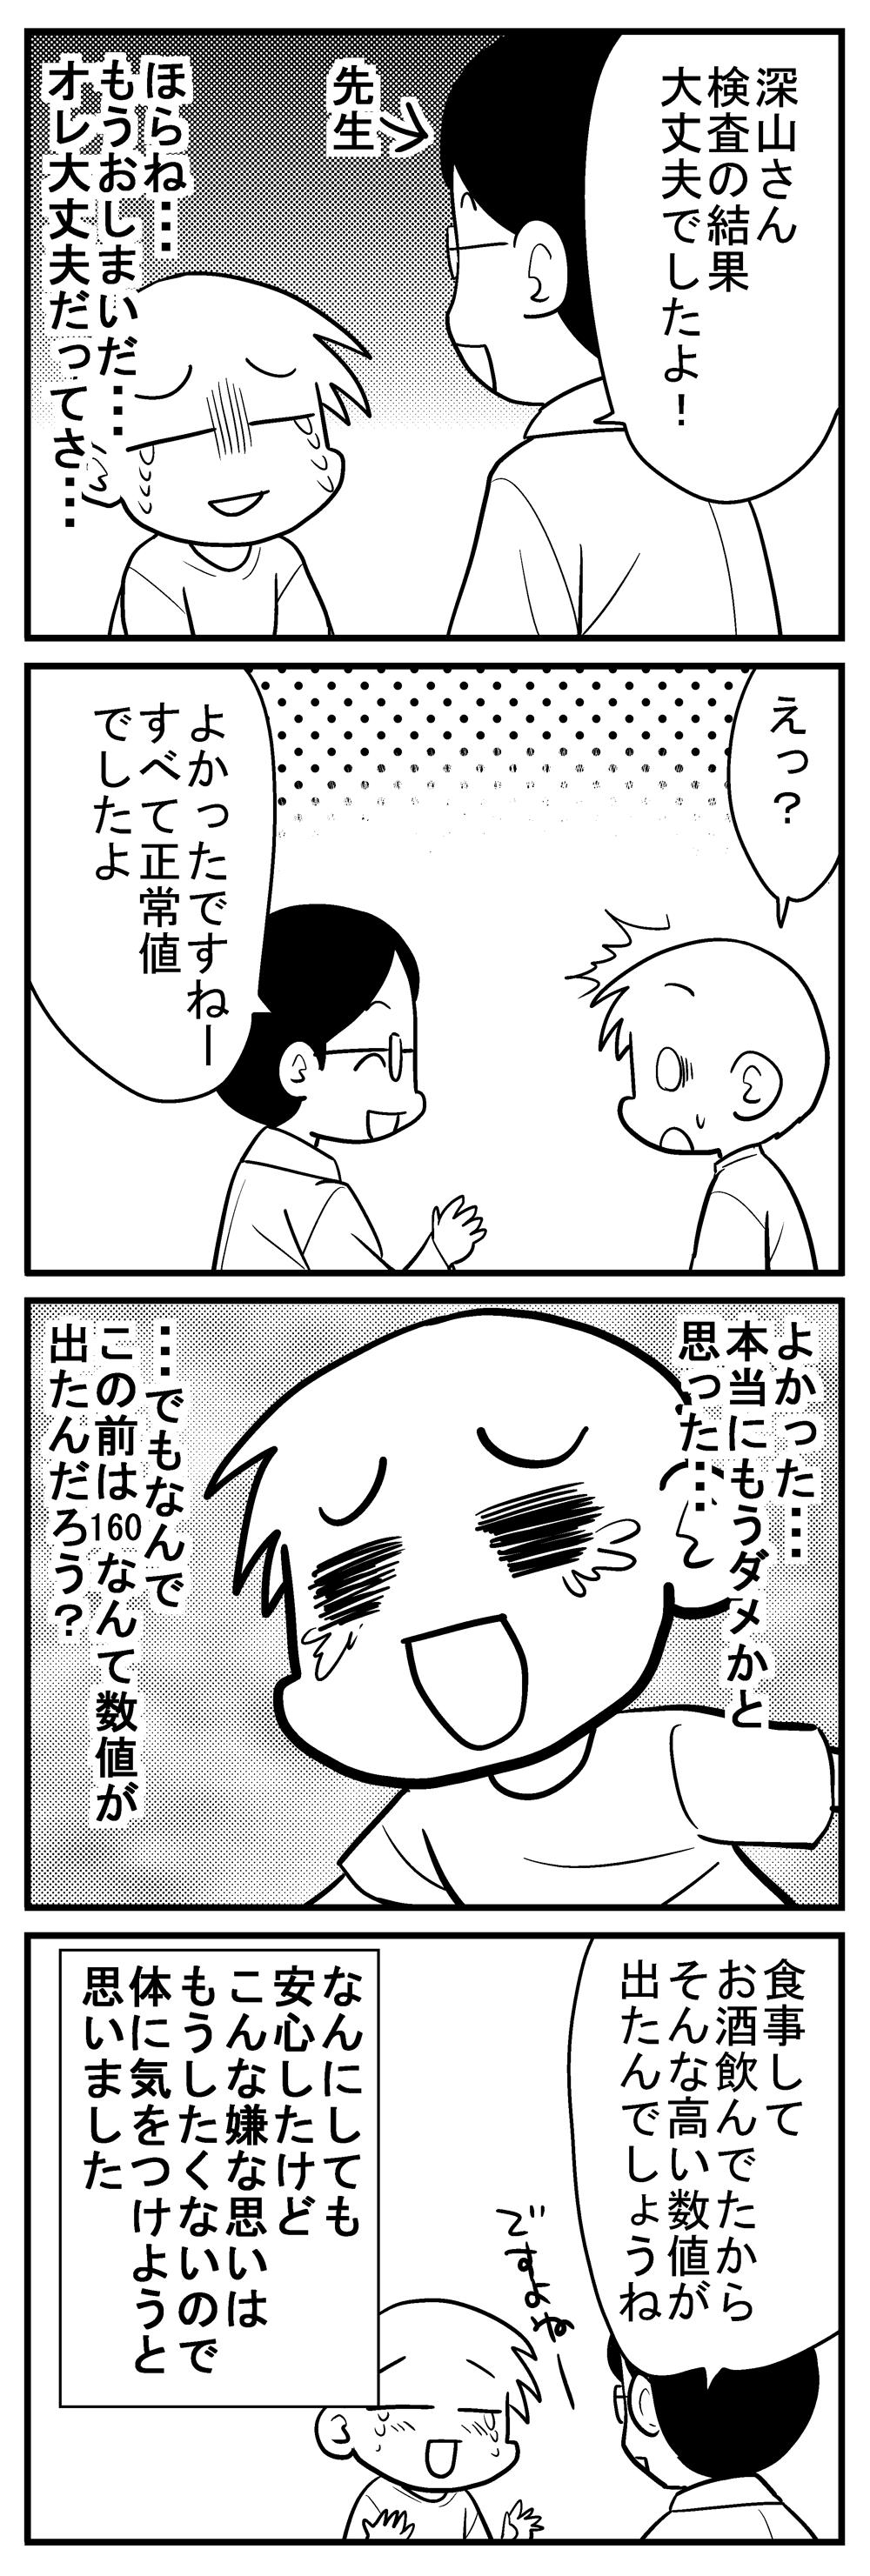 深読みくん86-4